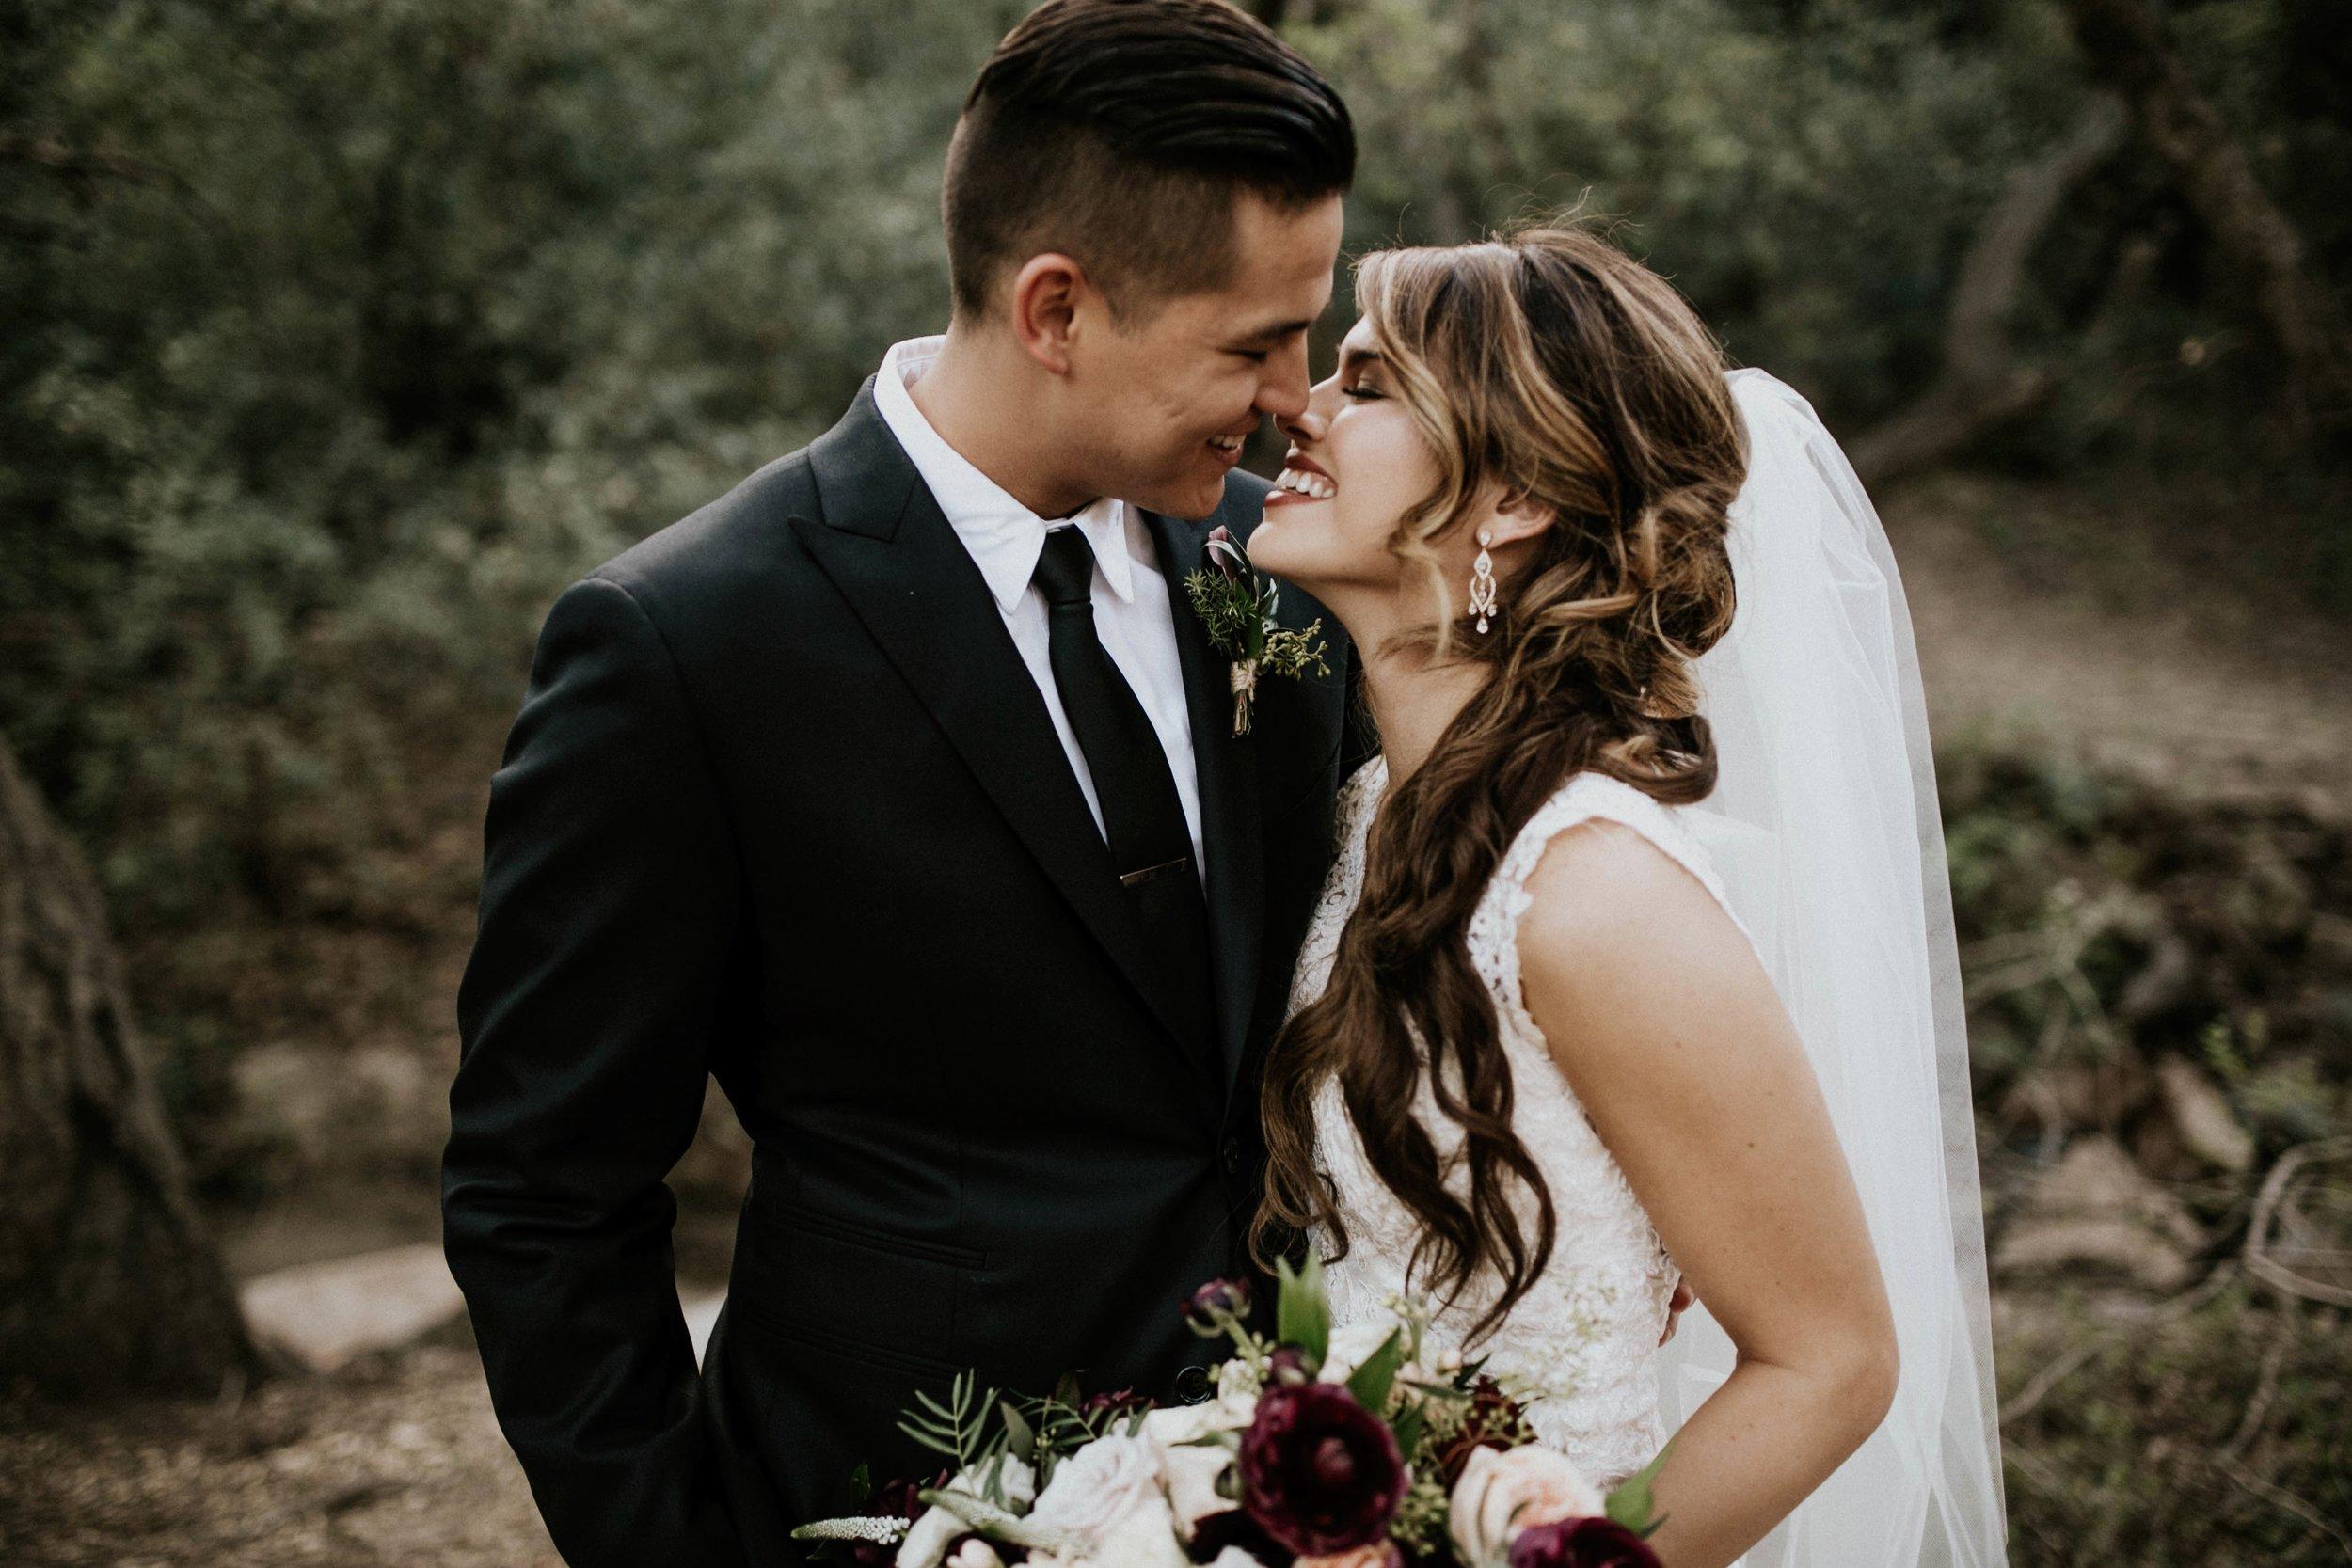 Devyn & Ben - Wedding at Oak Canyon Nature Center & Hidden House Coffee